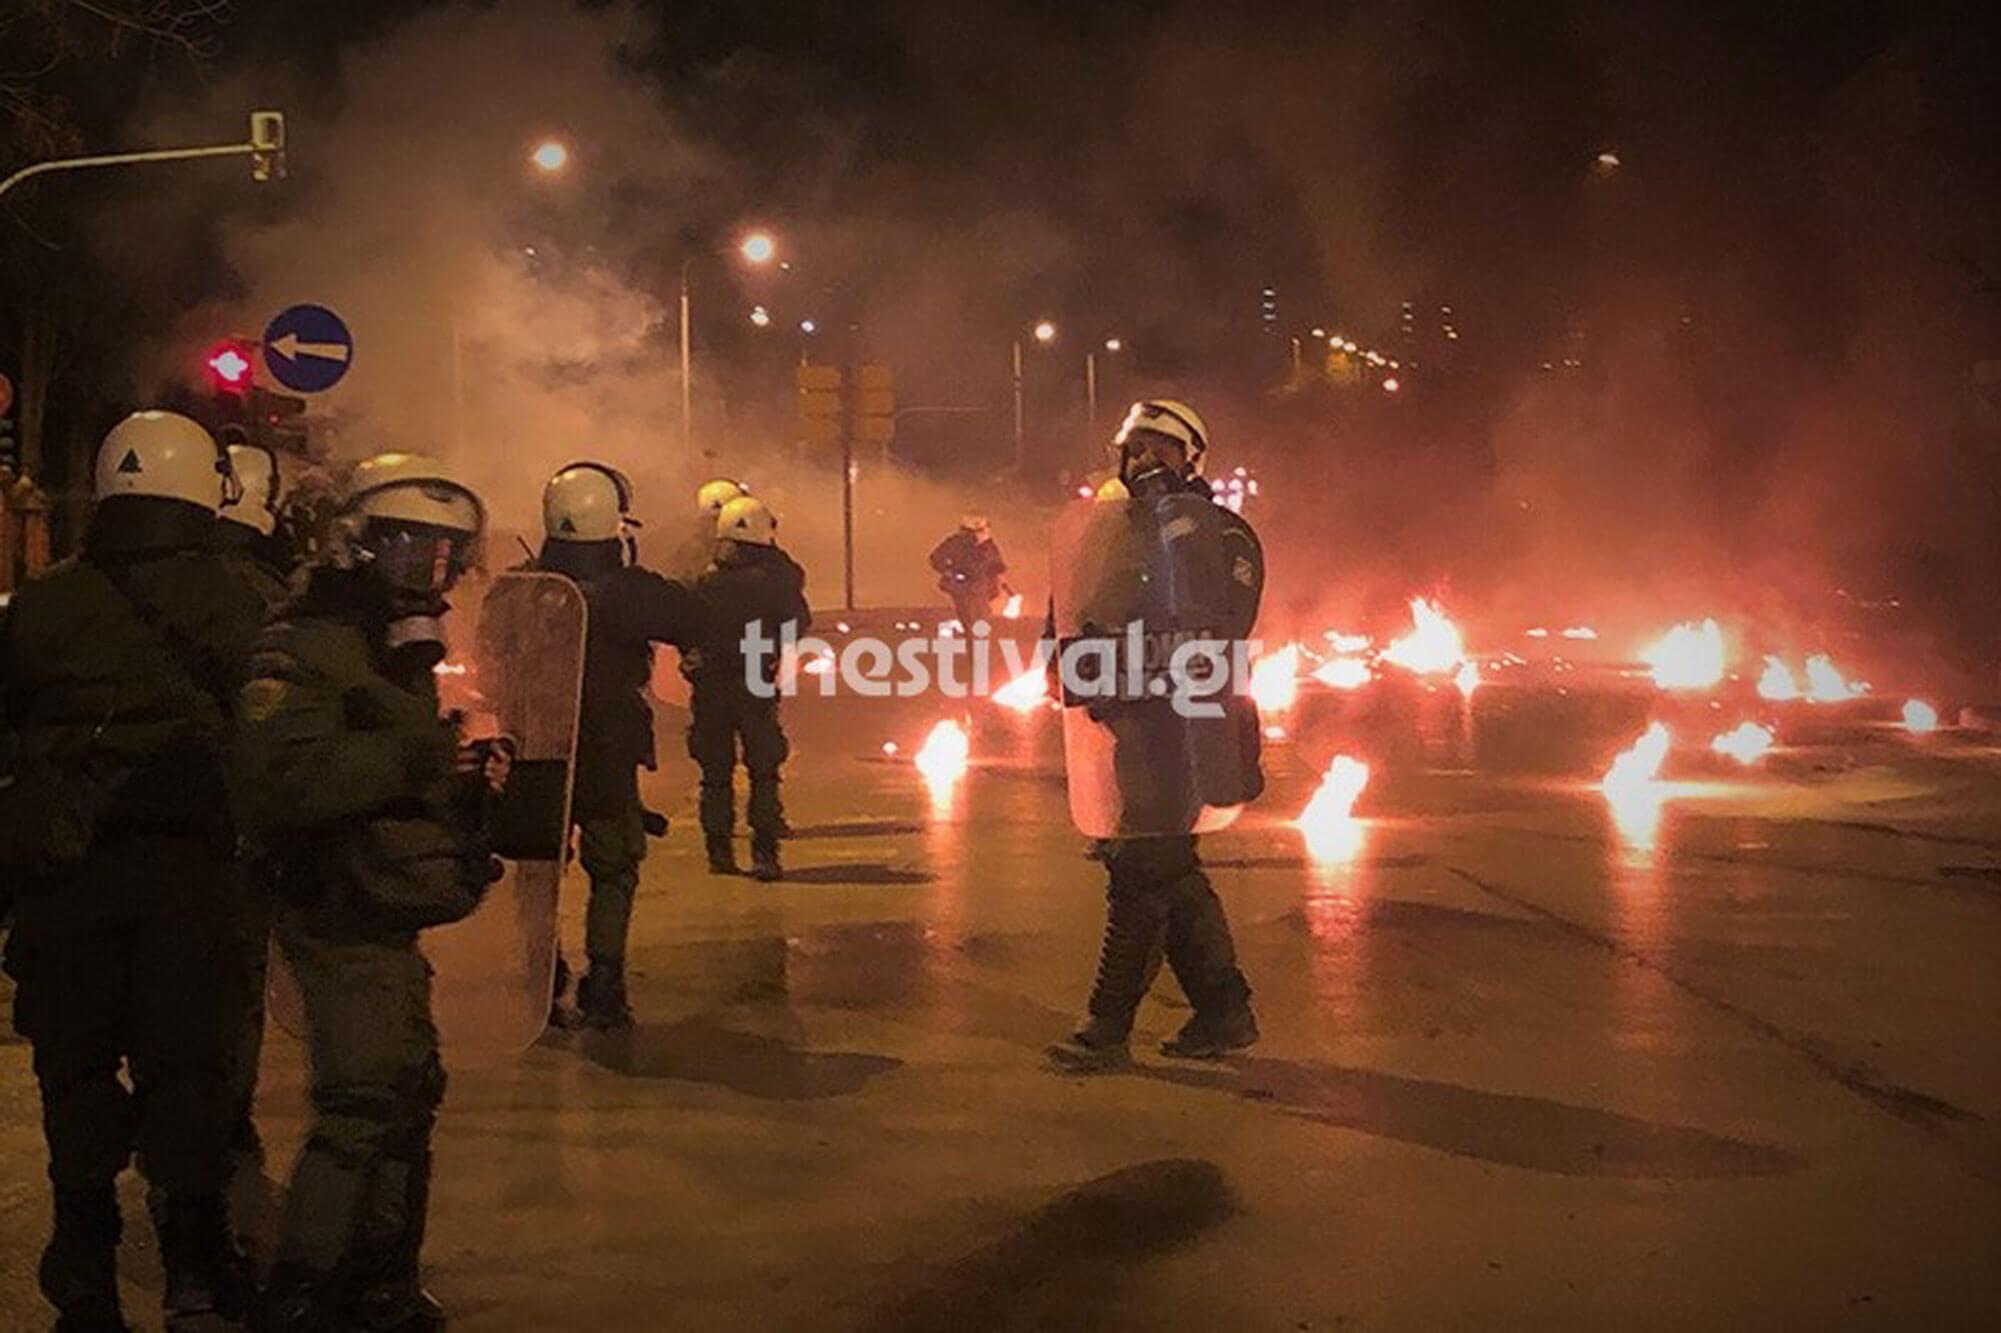 «Βροχή» από μολότοφ και δακρυγόνα στη Θεσσαλονίκη – Πέταξαν 100 μολότοφ, έκαψαν αυτοκίνητα